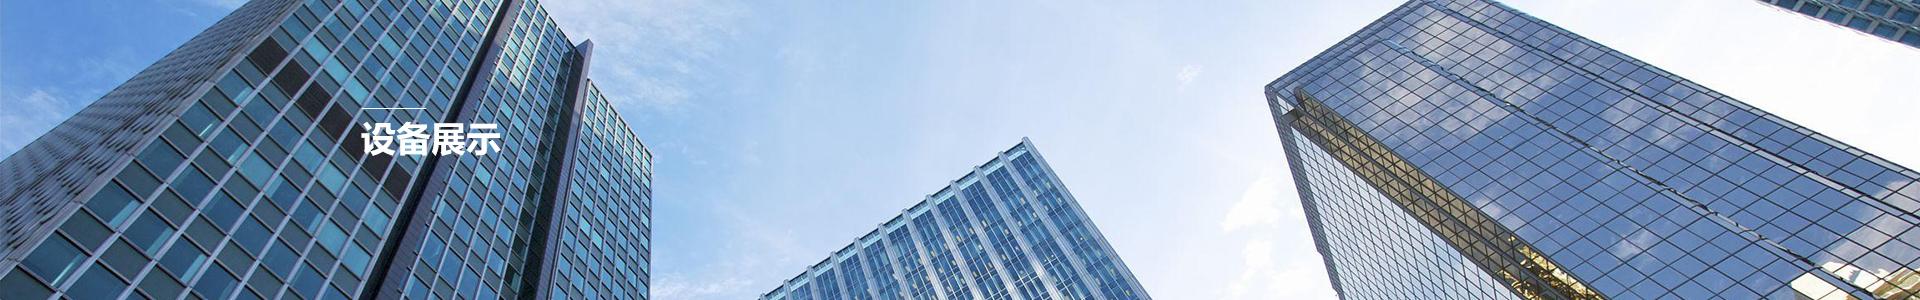 湖南俞盛實業發展有限公司